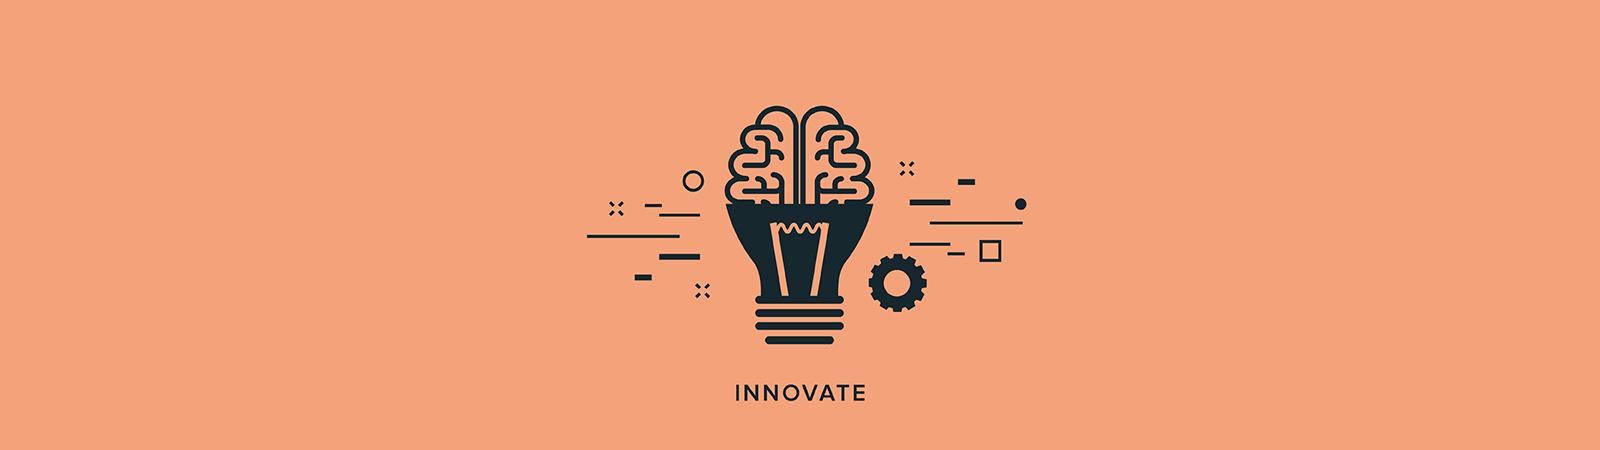 Innovate Slide